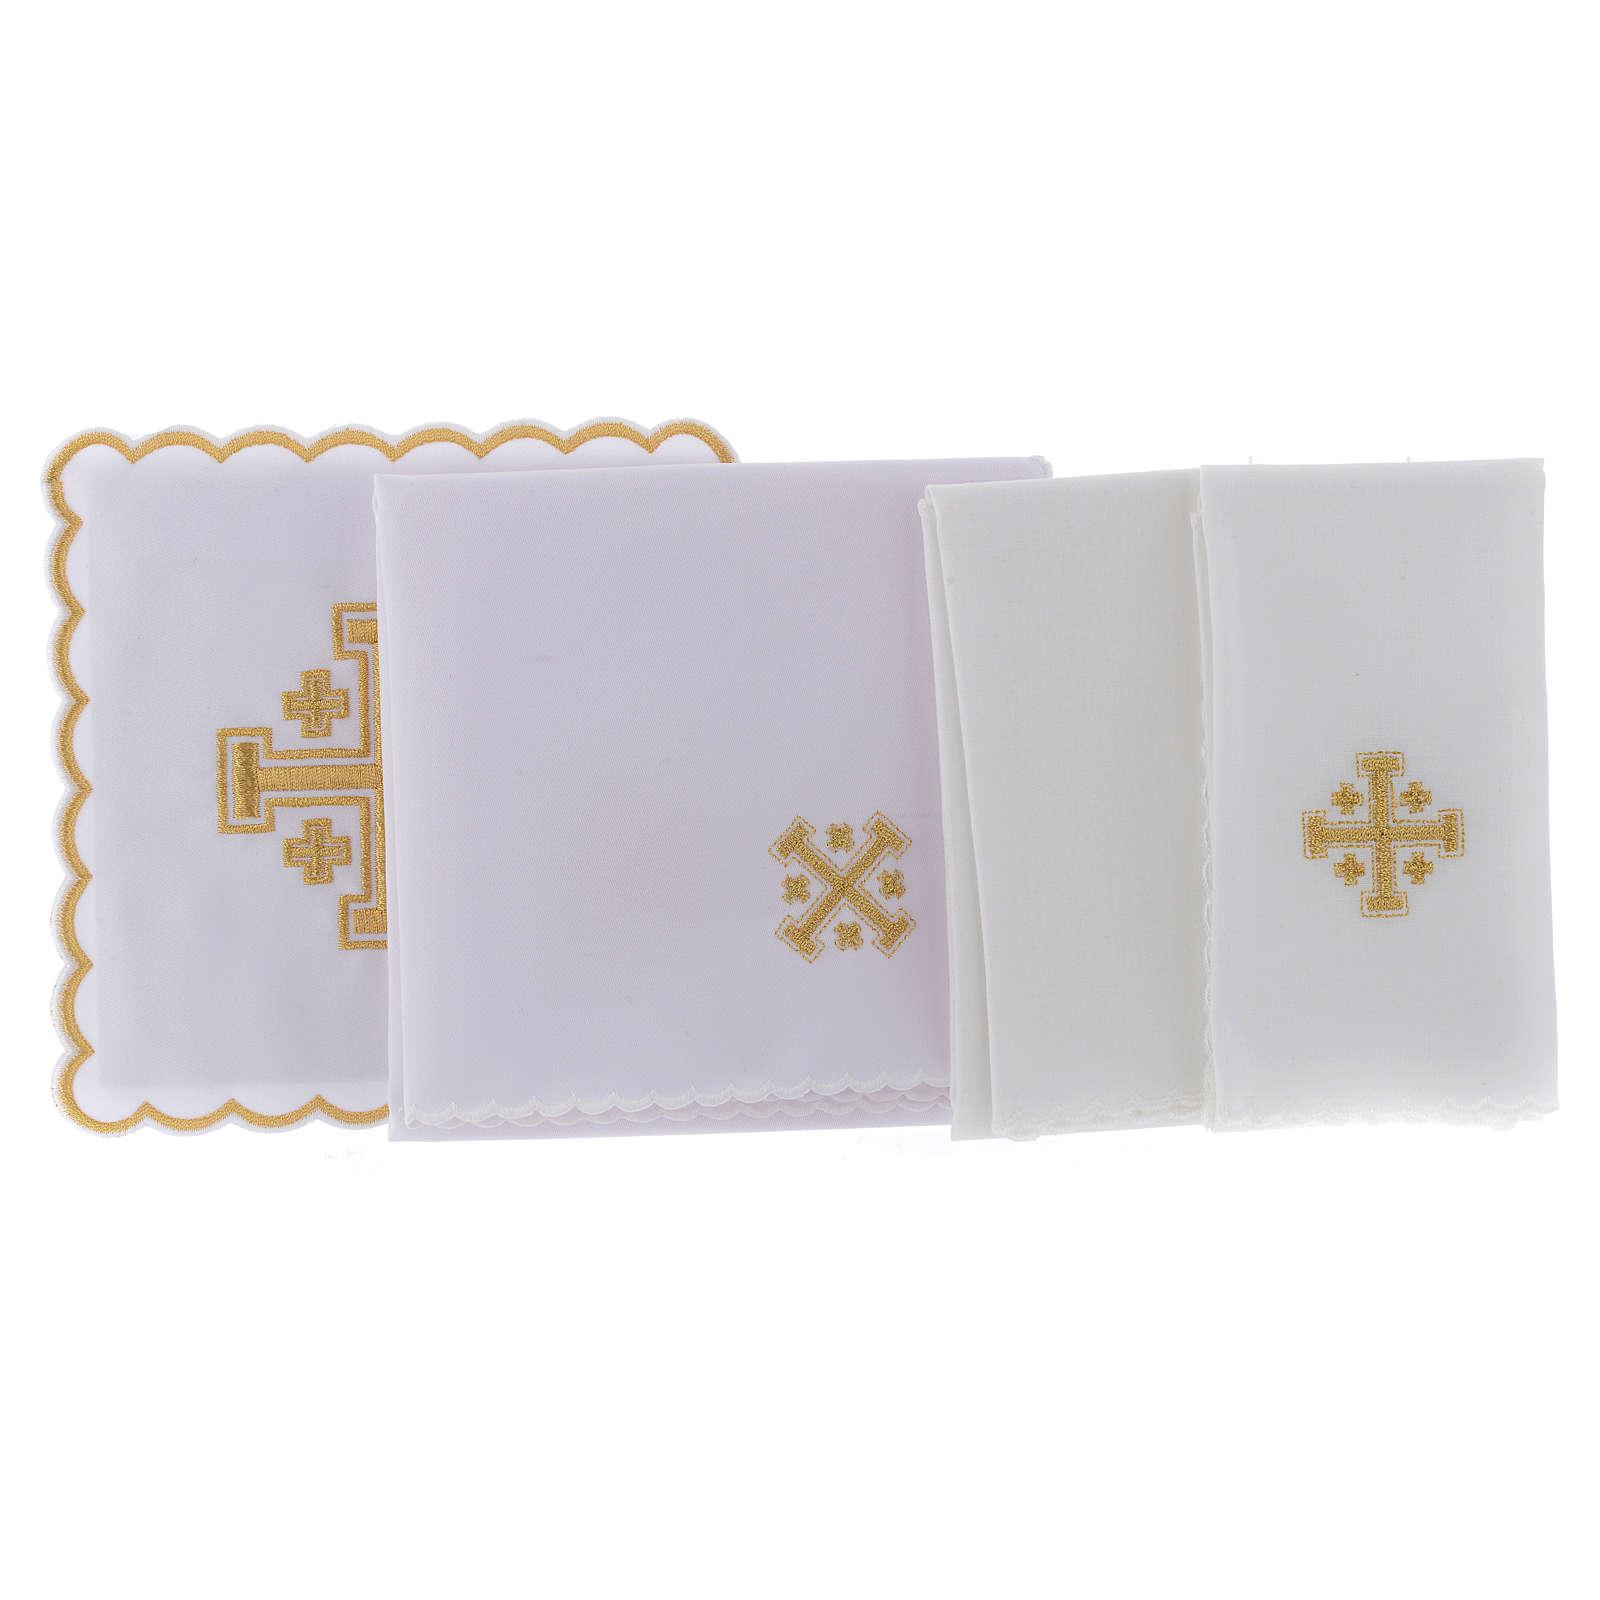 Bielizna kielichowa bawełna krzyż jerozolimski 4